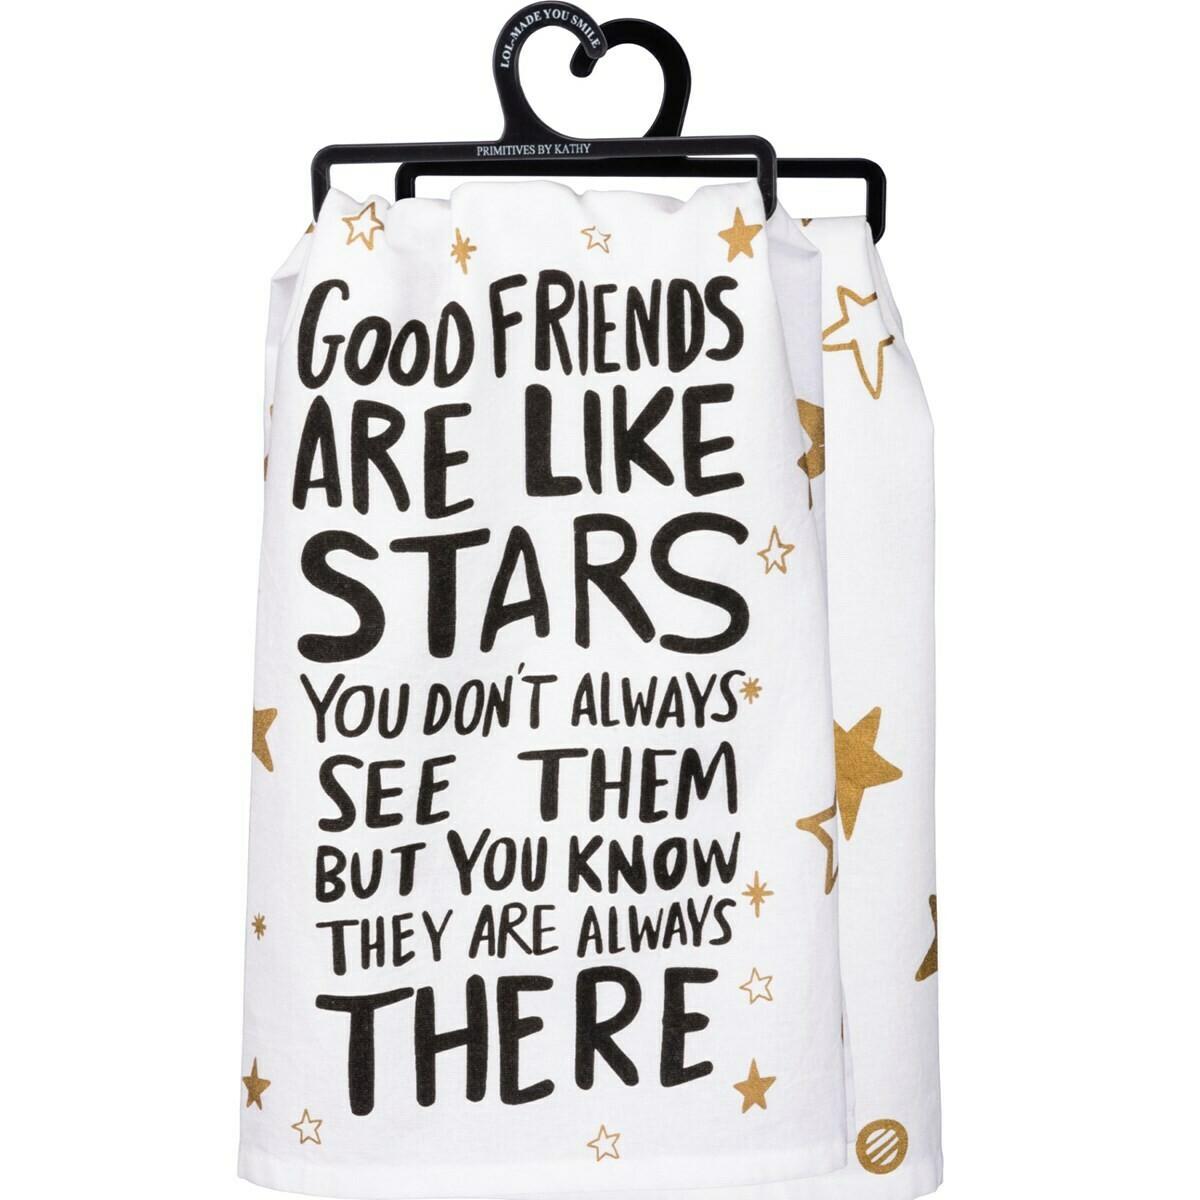 friend like star dish 33841